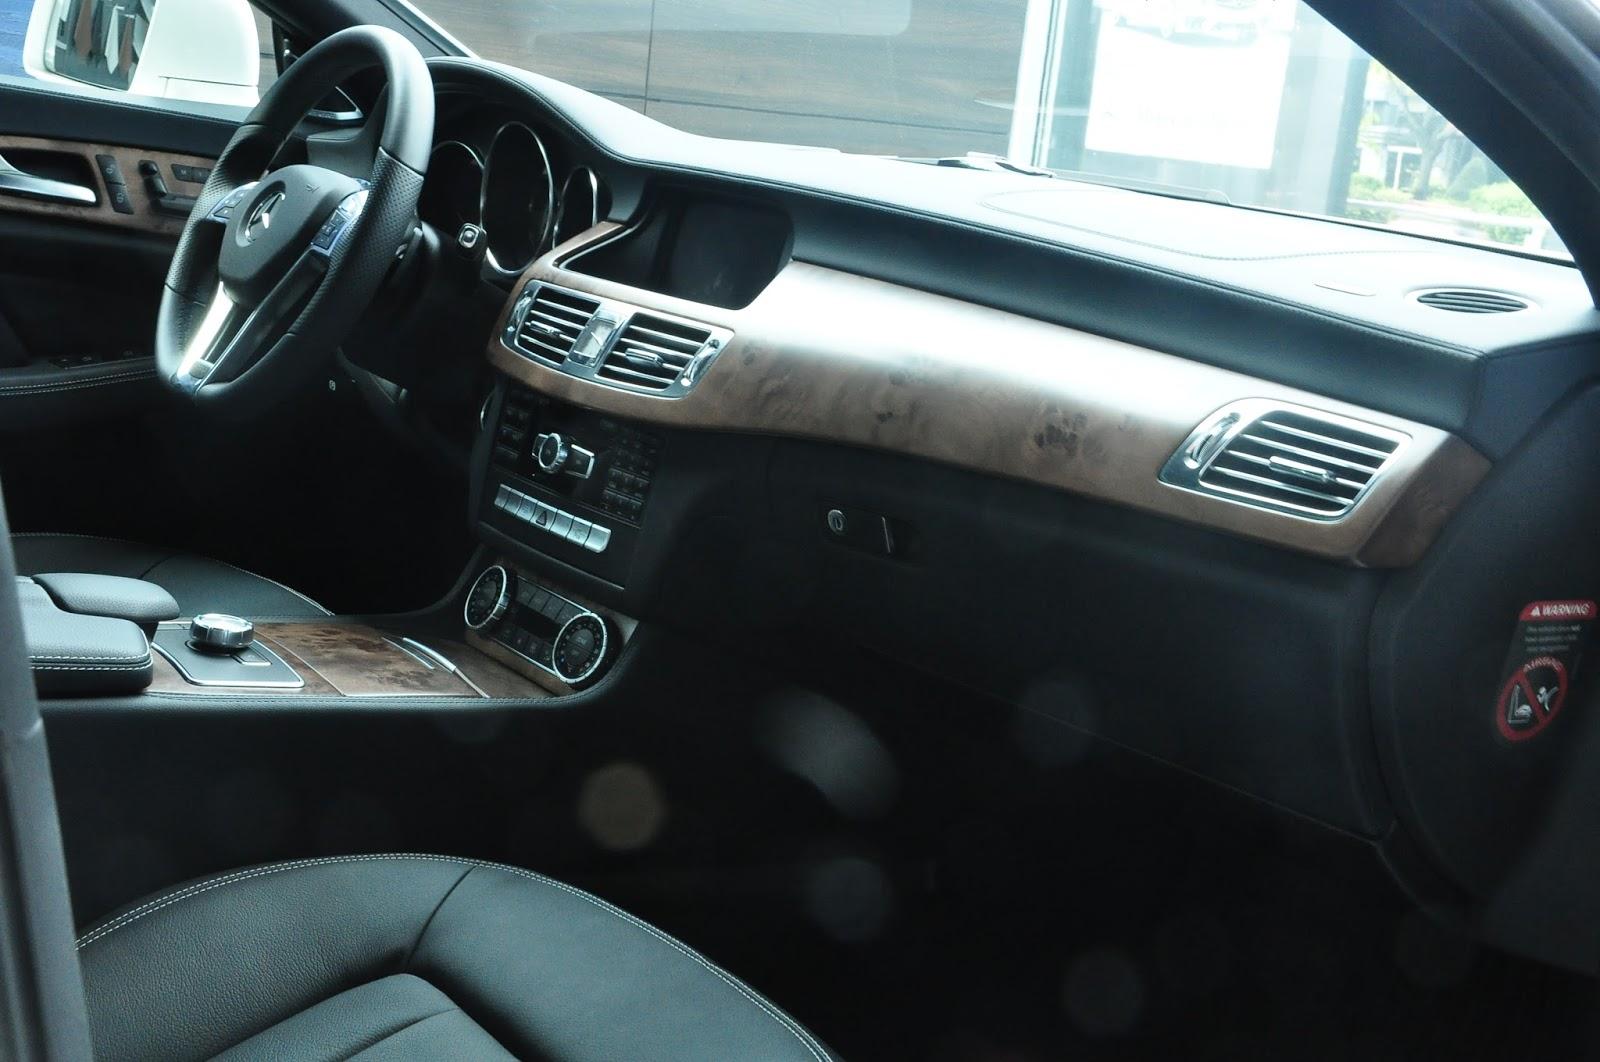 Nội thất xe Mercedes Benz CLS350 New Model màu trắng 03